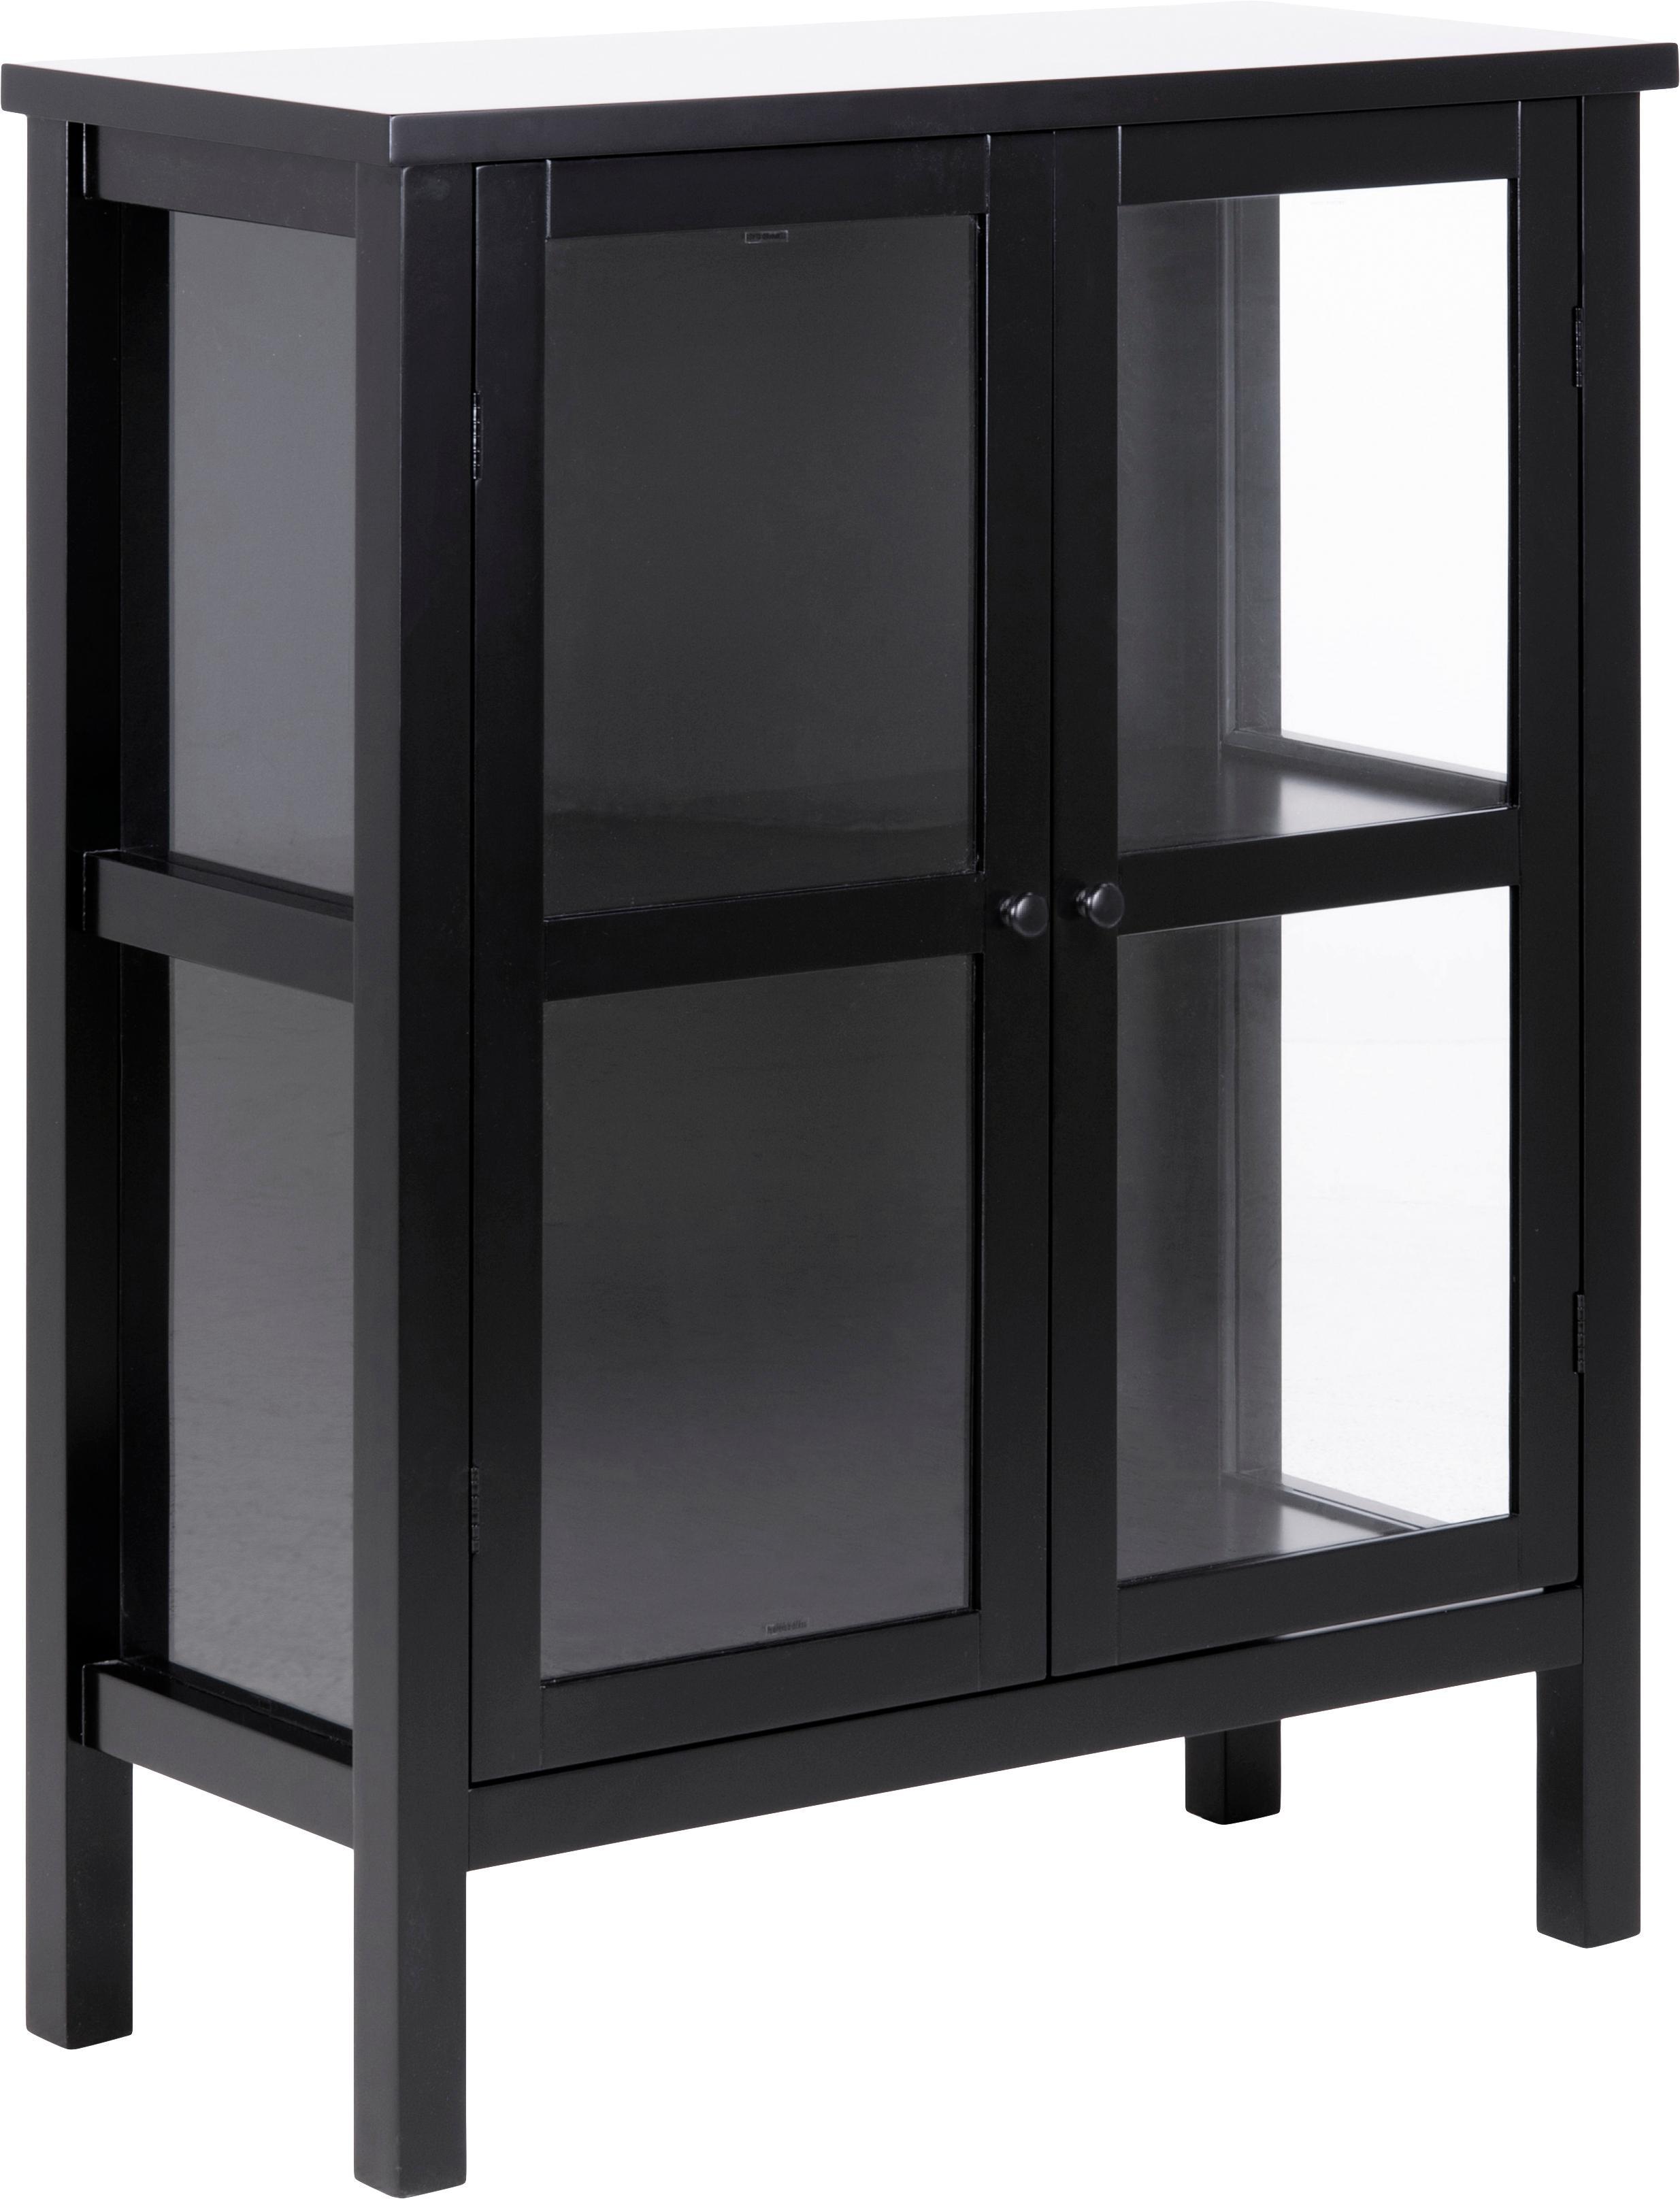 Witryna ze szkła i drewna Eton, Stelaż: płyta pilśniowa średniej , Czarny, S 80 x W 100 cm